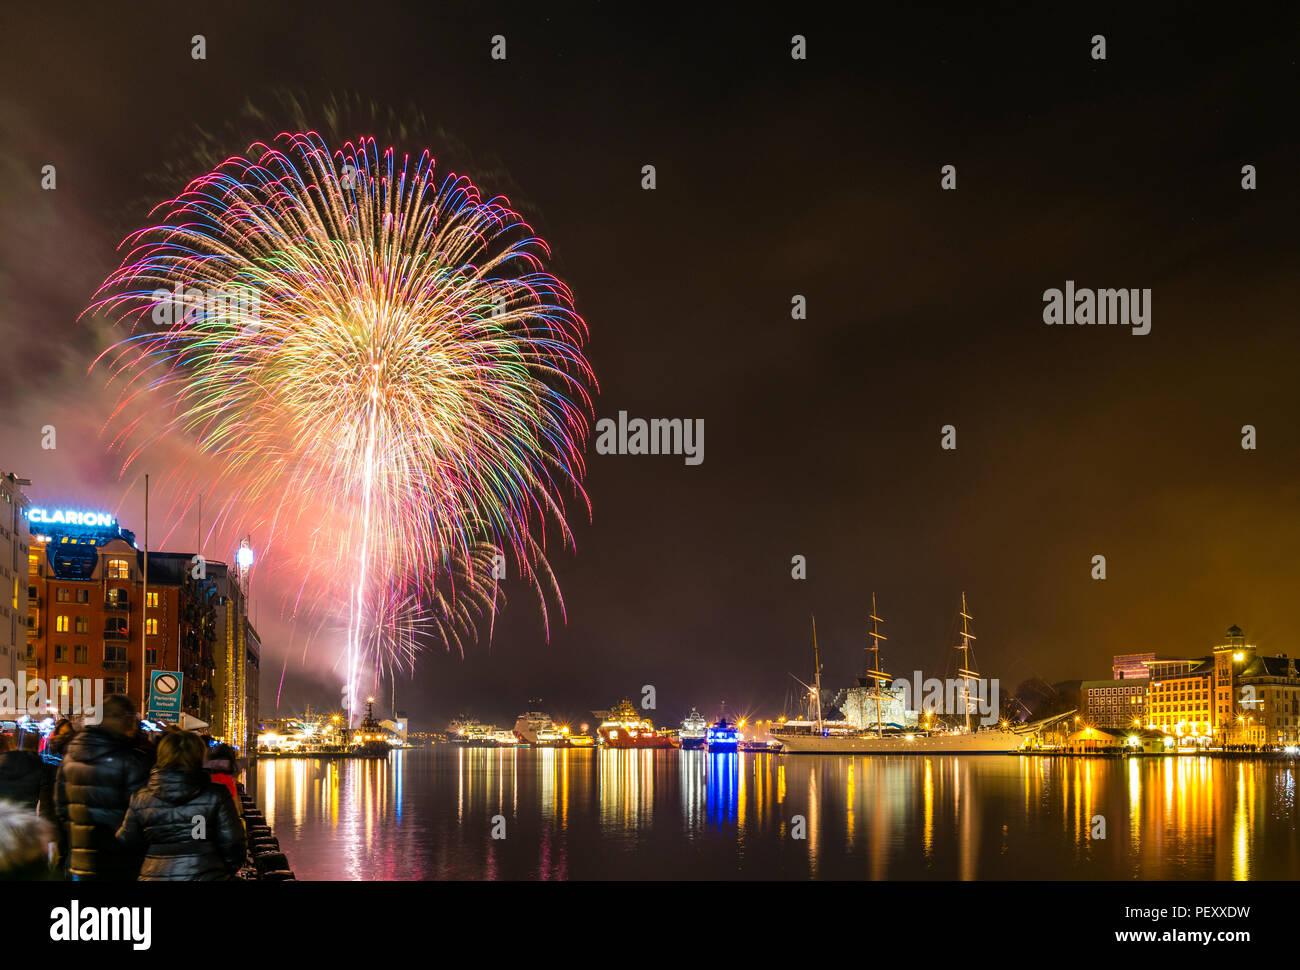 Feuerwerk in Bergen, Norwegen, an Silvester Feier. Stockbild